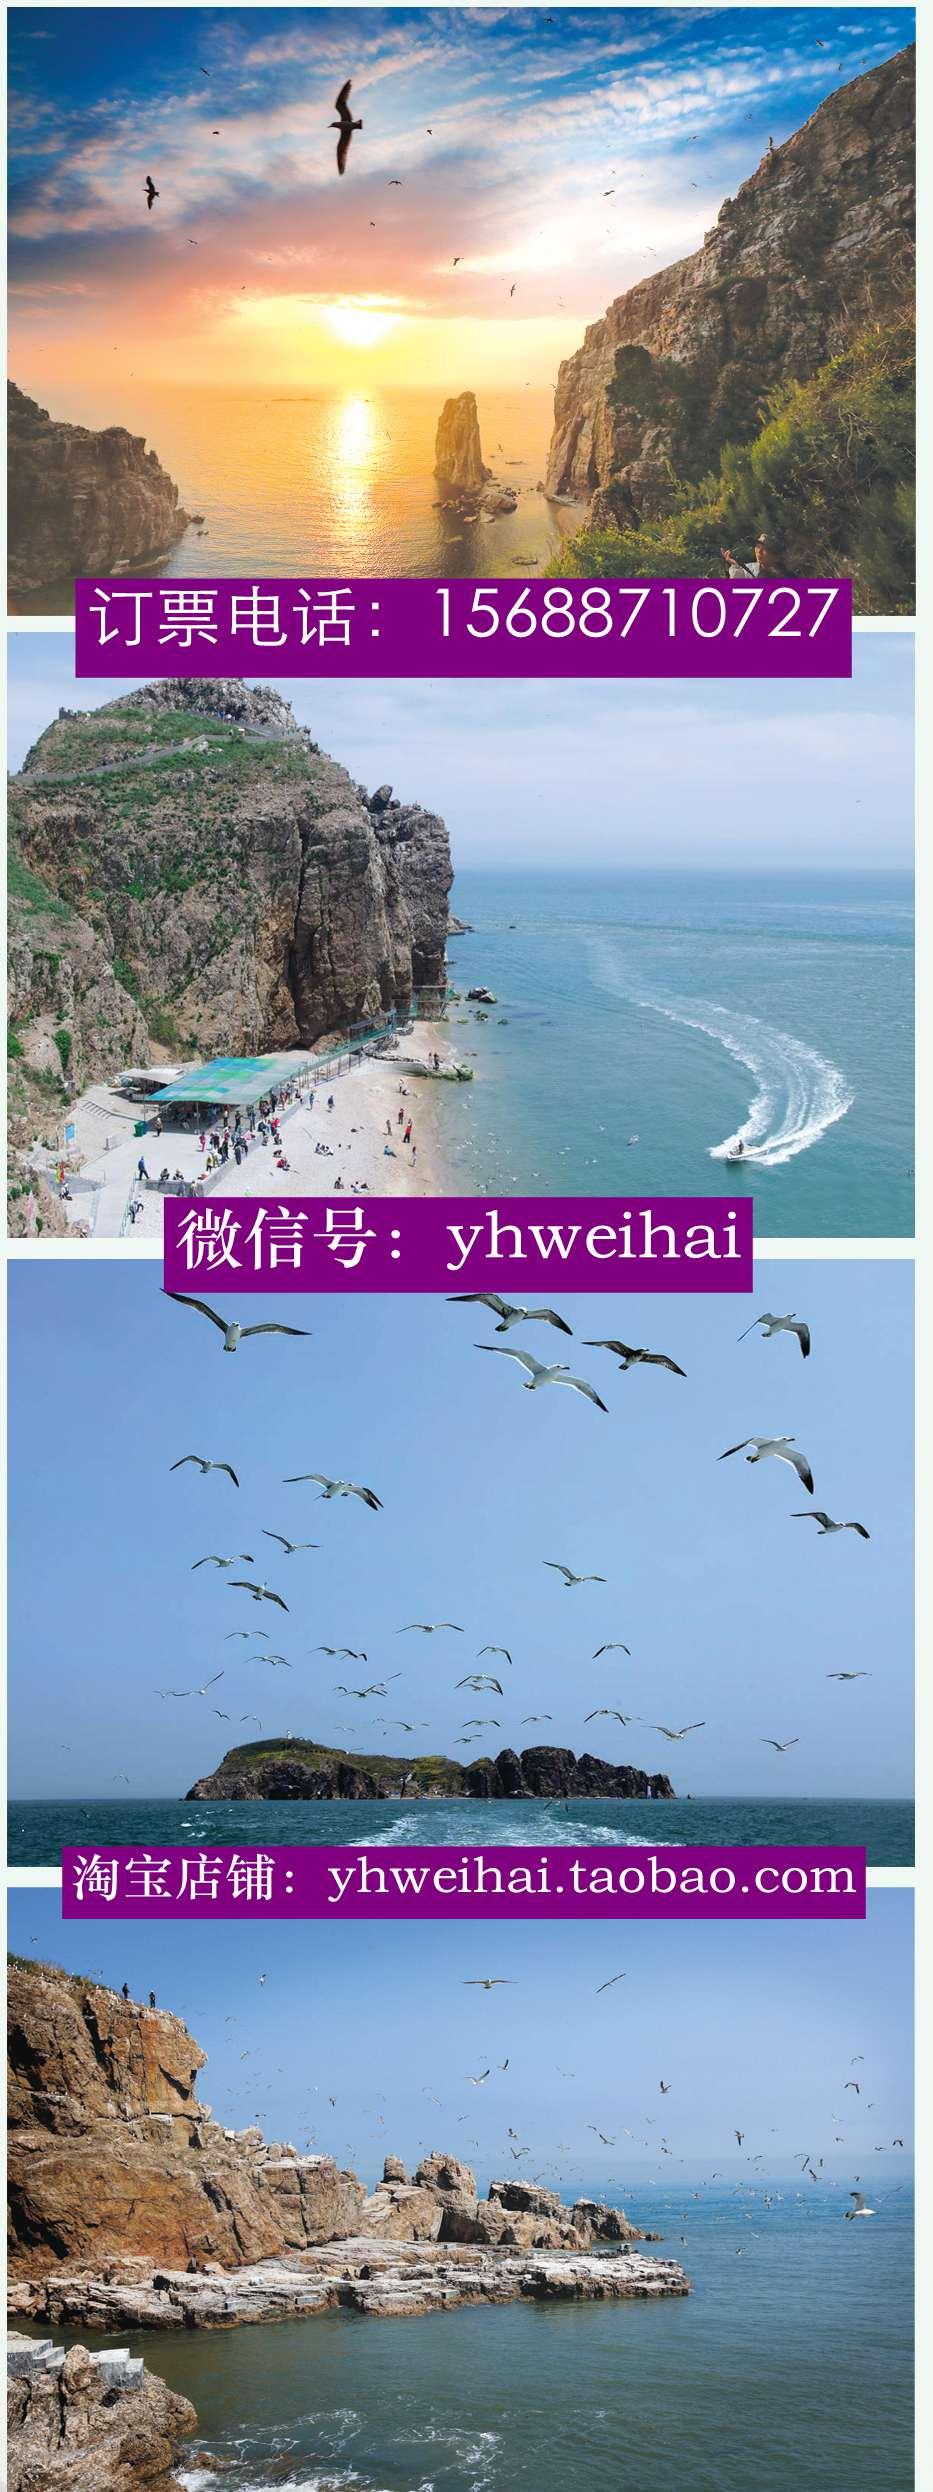 海驴岛和长岛哪个好玩